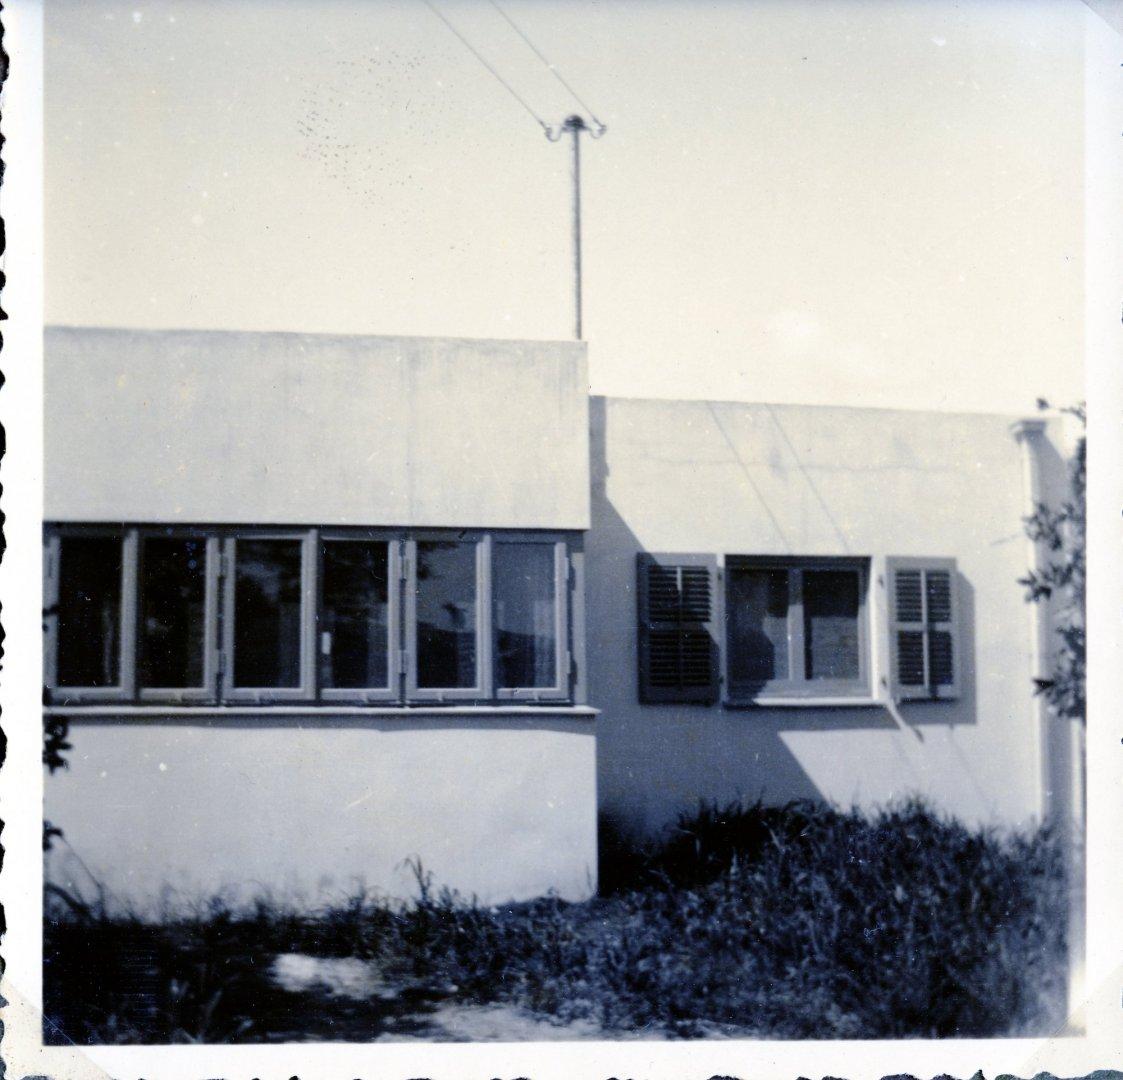 עמוד 1 אלבום    רגינה בית פרוידנברג